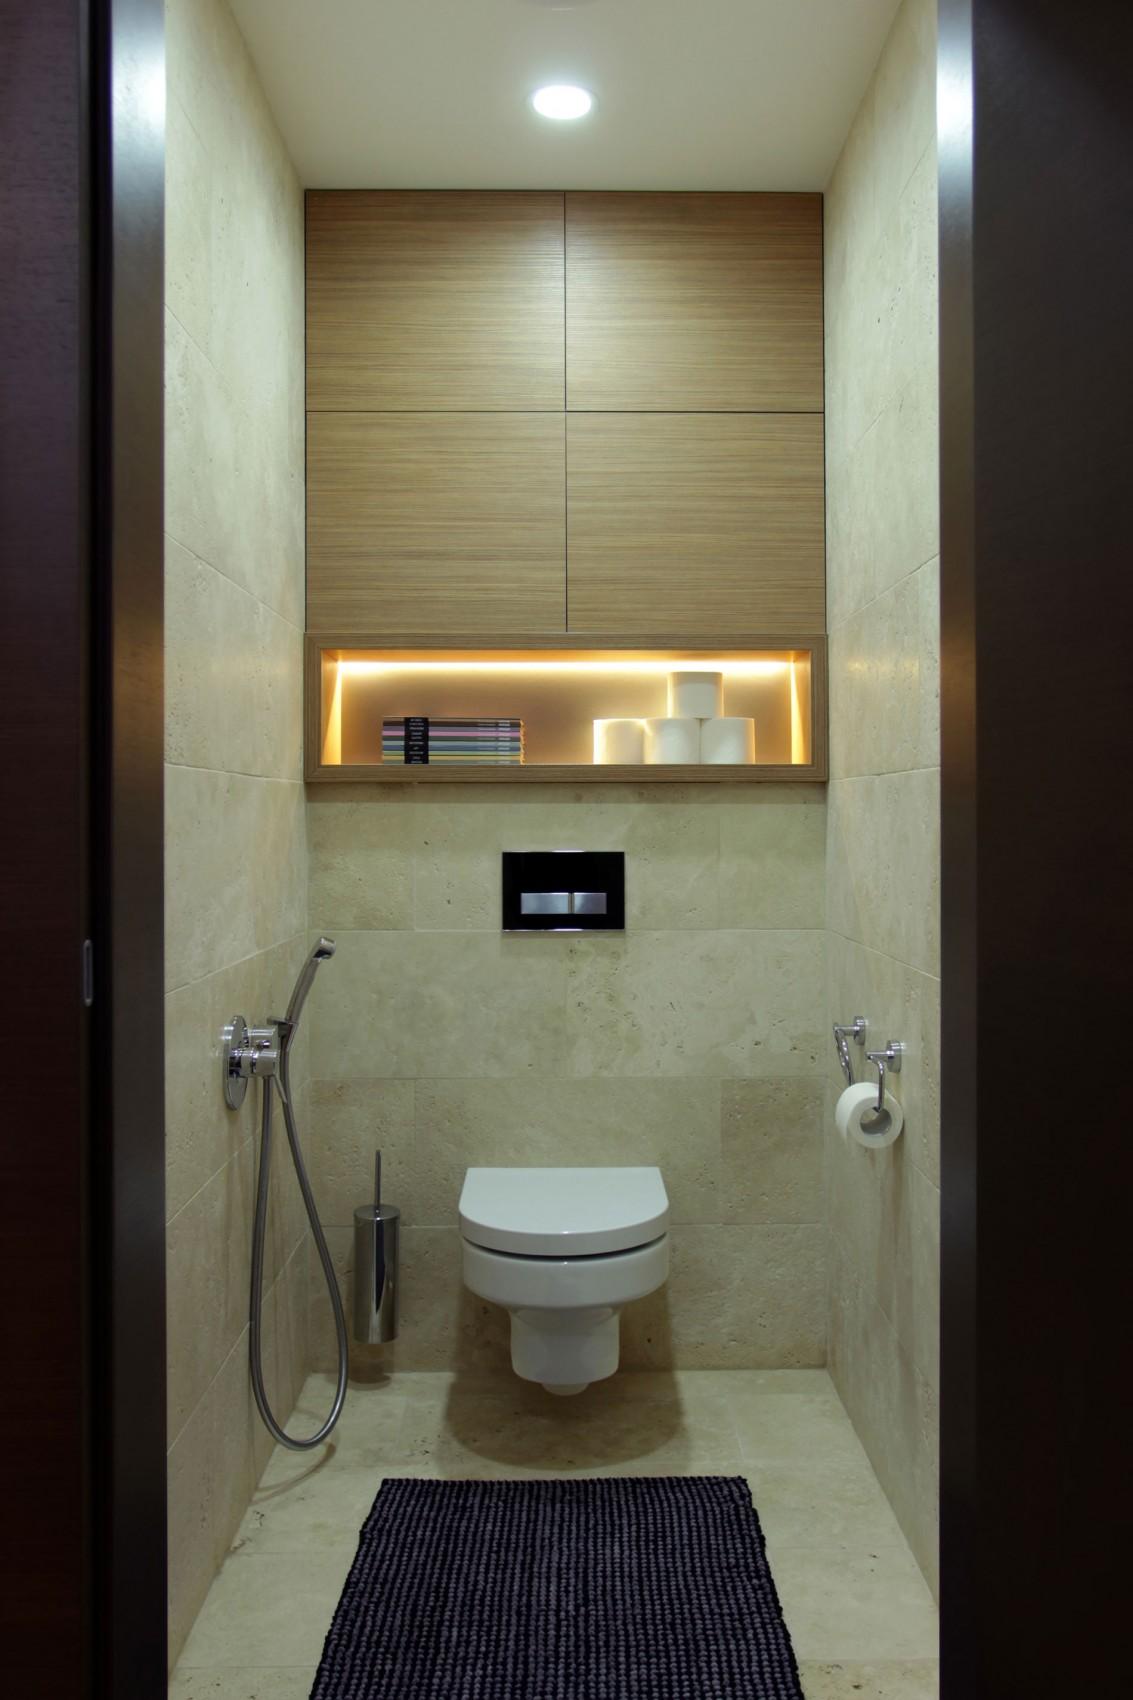 Интерьер маленького туалета в квартире фото 2016